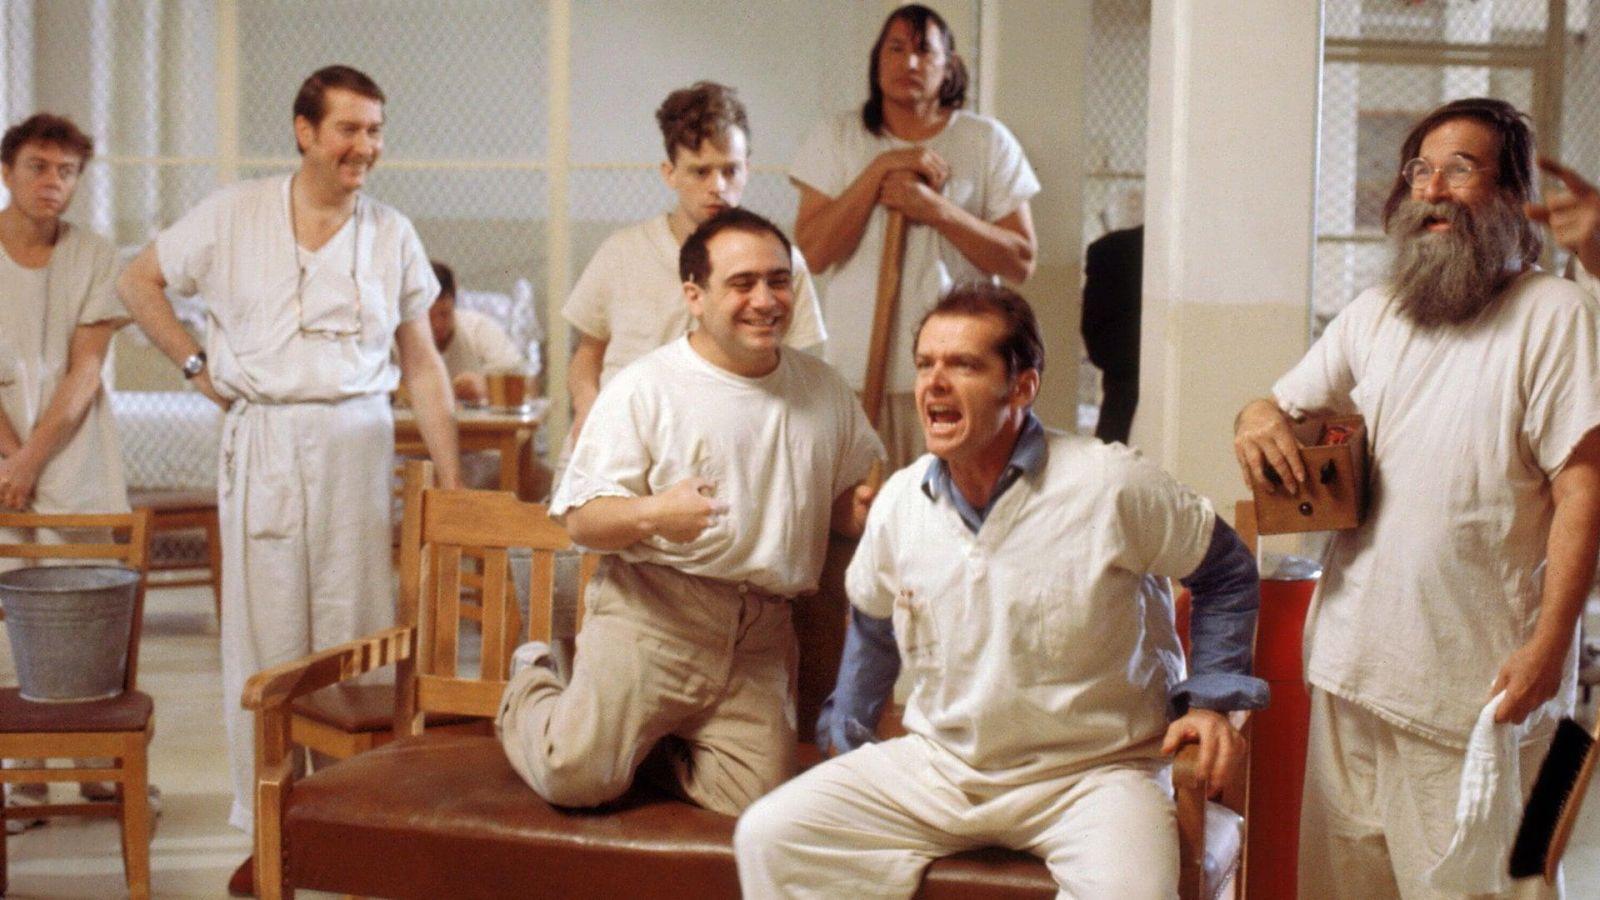 Джек Николсон в роли Рэндла Макмёрфи на кадре из фильма «Пролетая над гнездом кукушки»